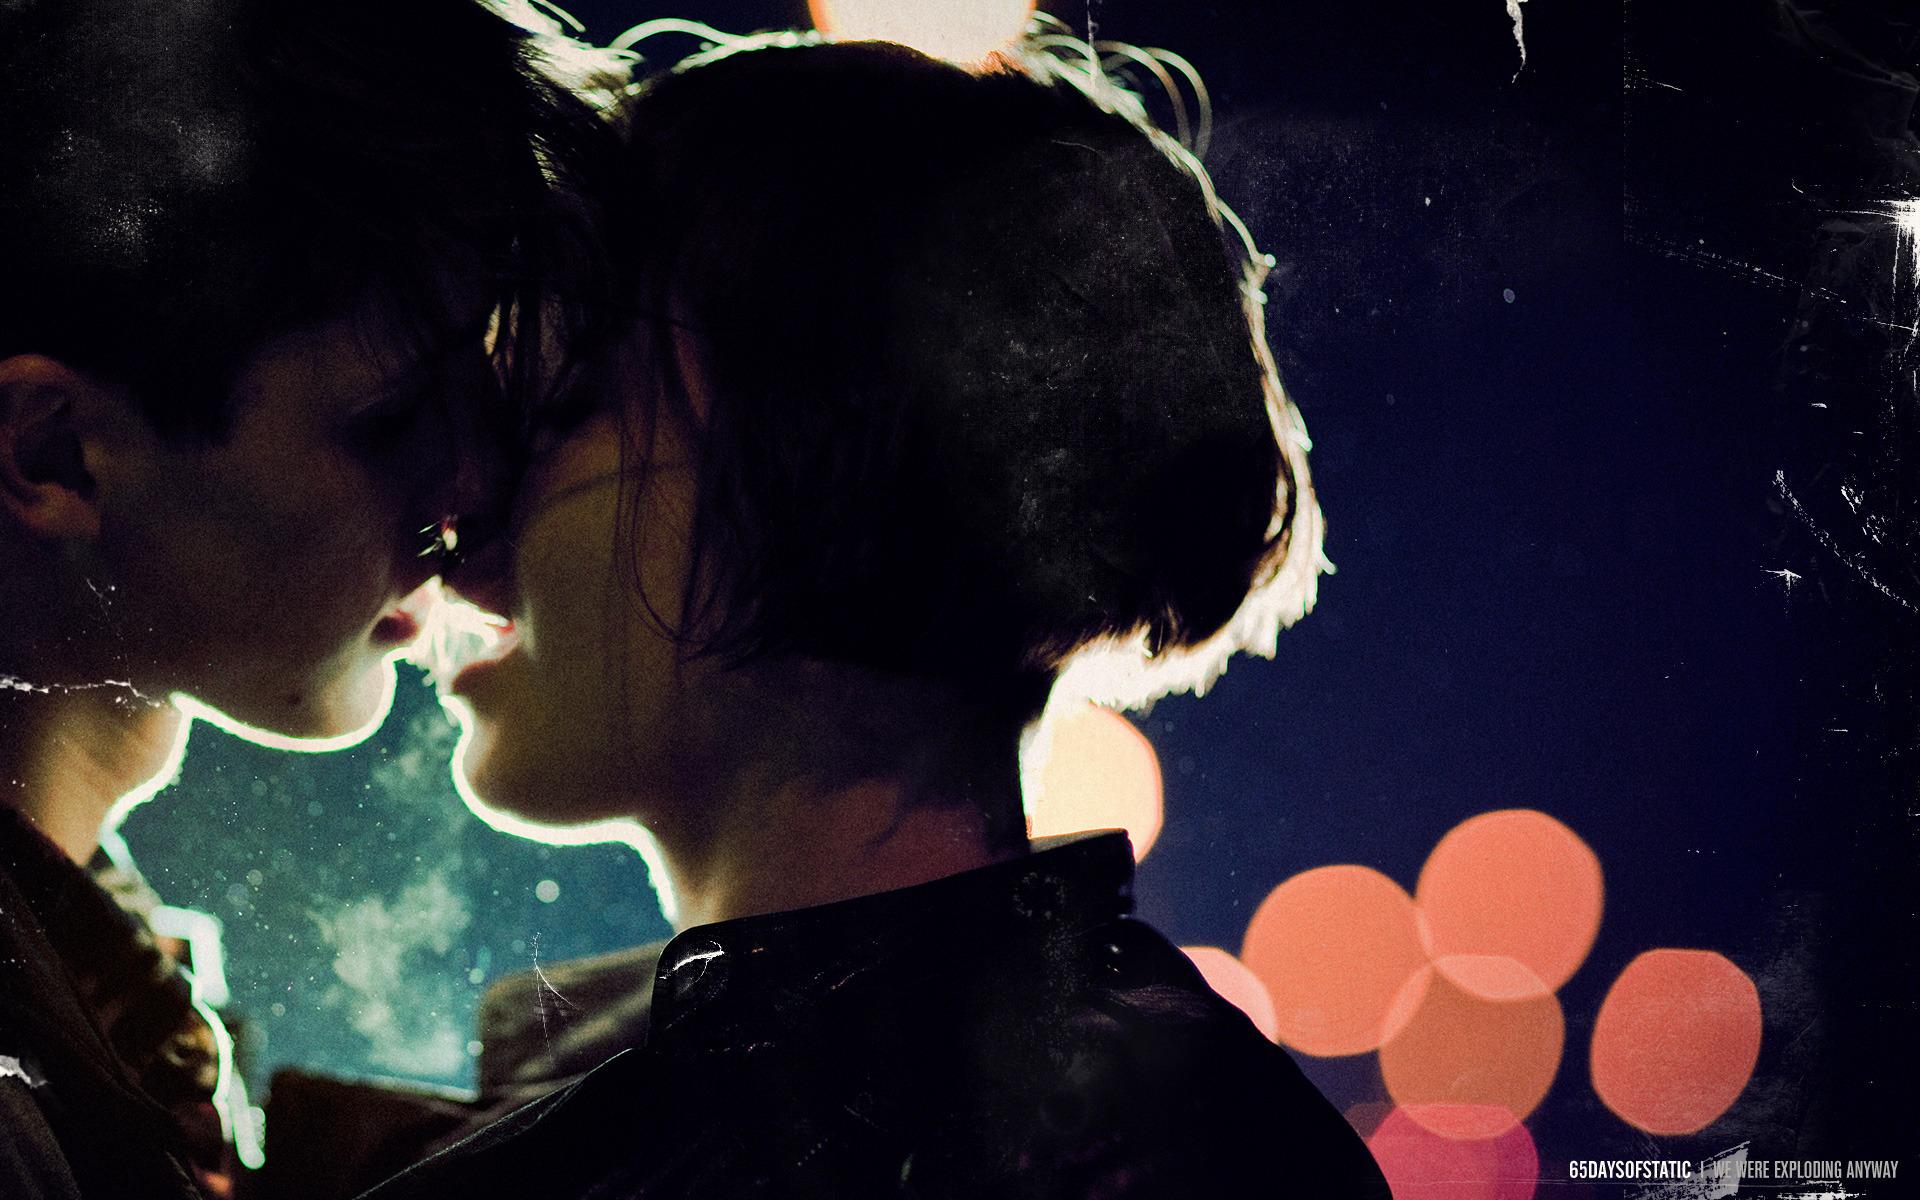 Фото как девушки целуются с языком 20 фотография